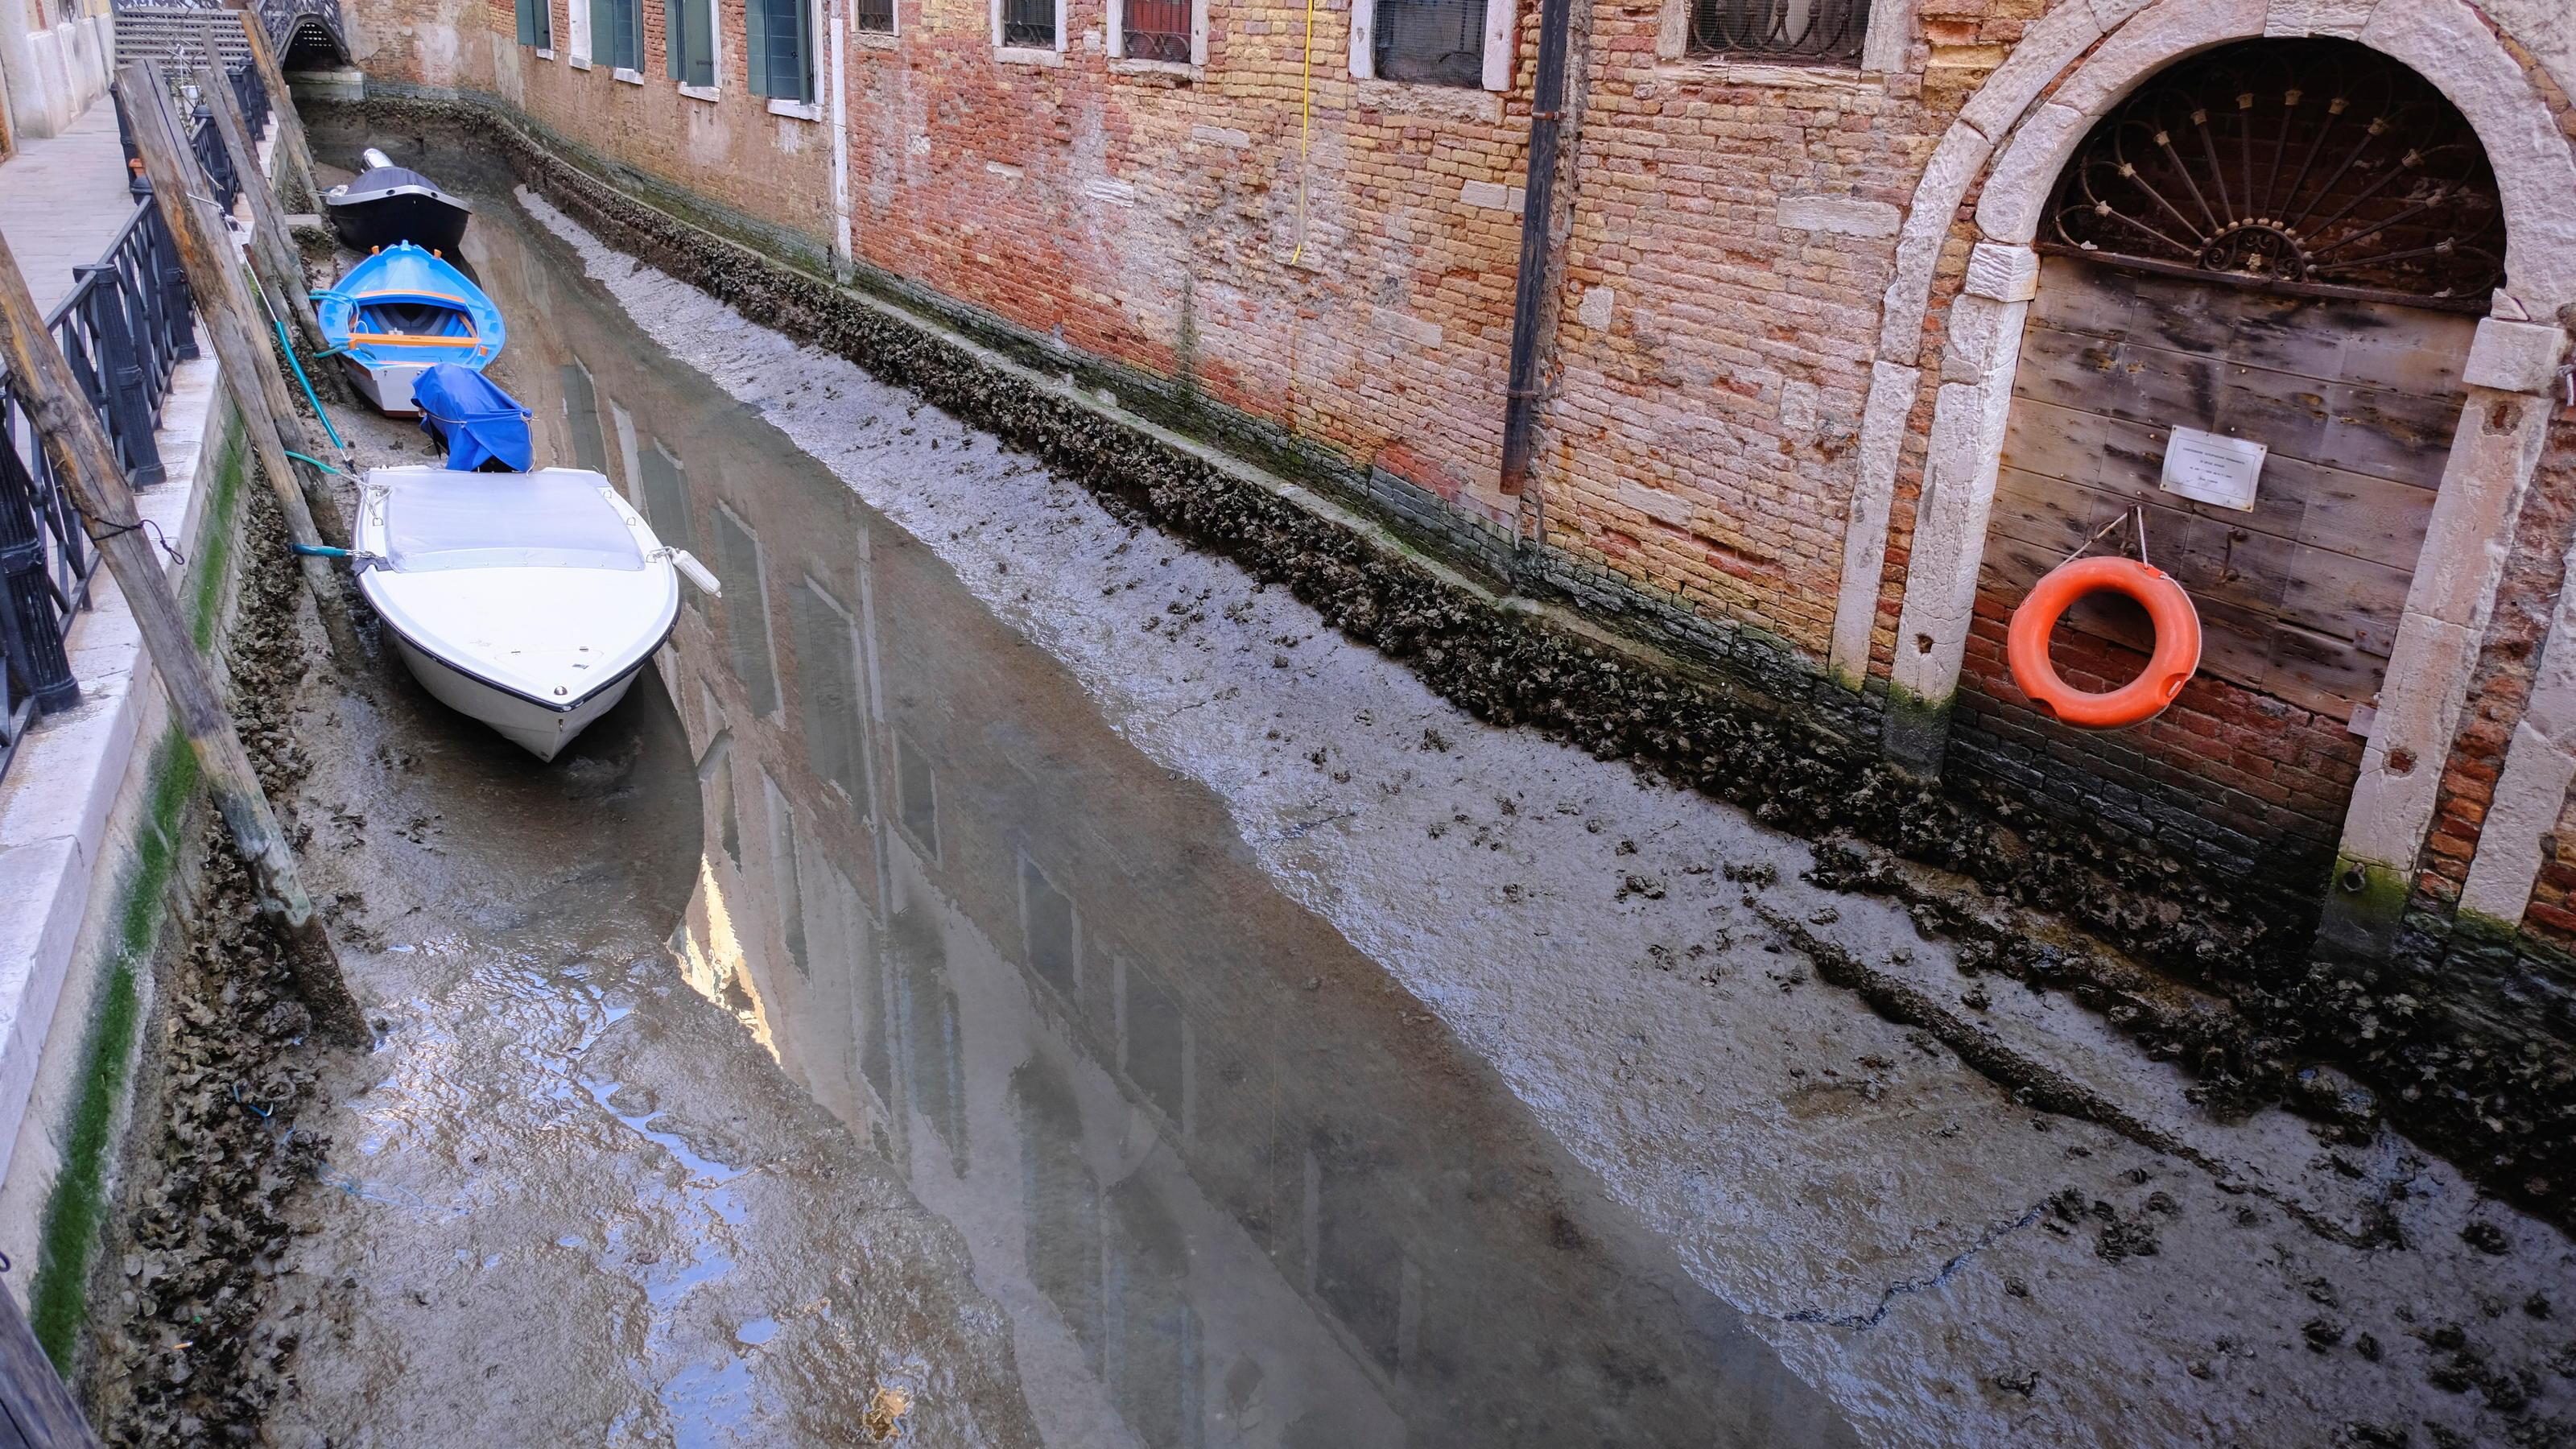 Niedrigwasser Statt Hochwasser In Venedigs Kanalen Wetter De